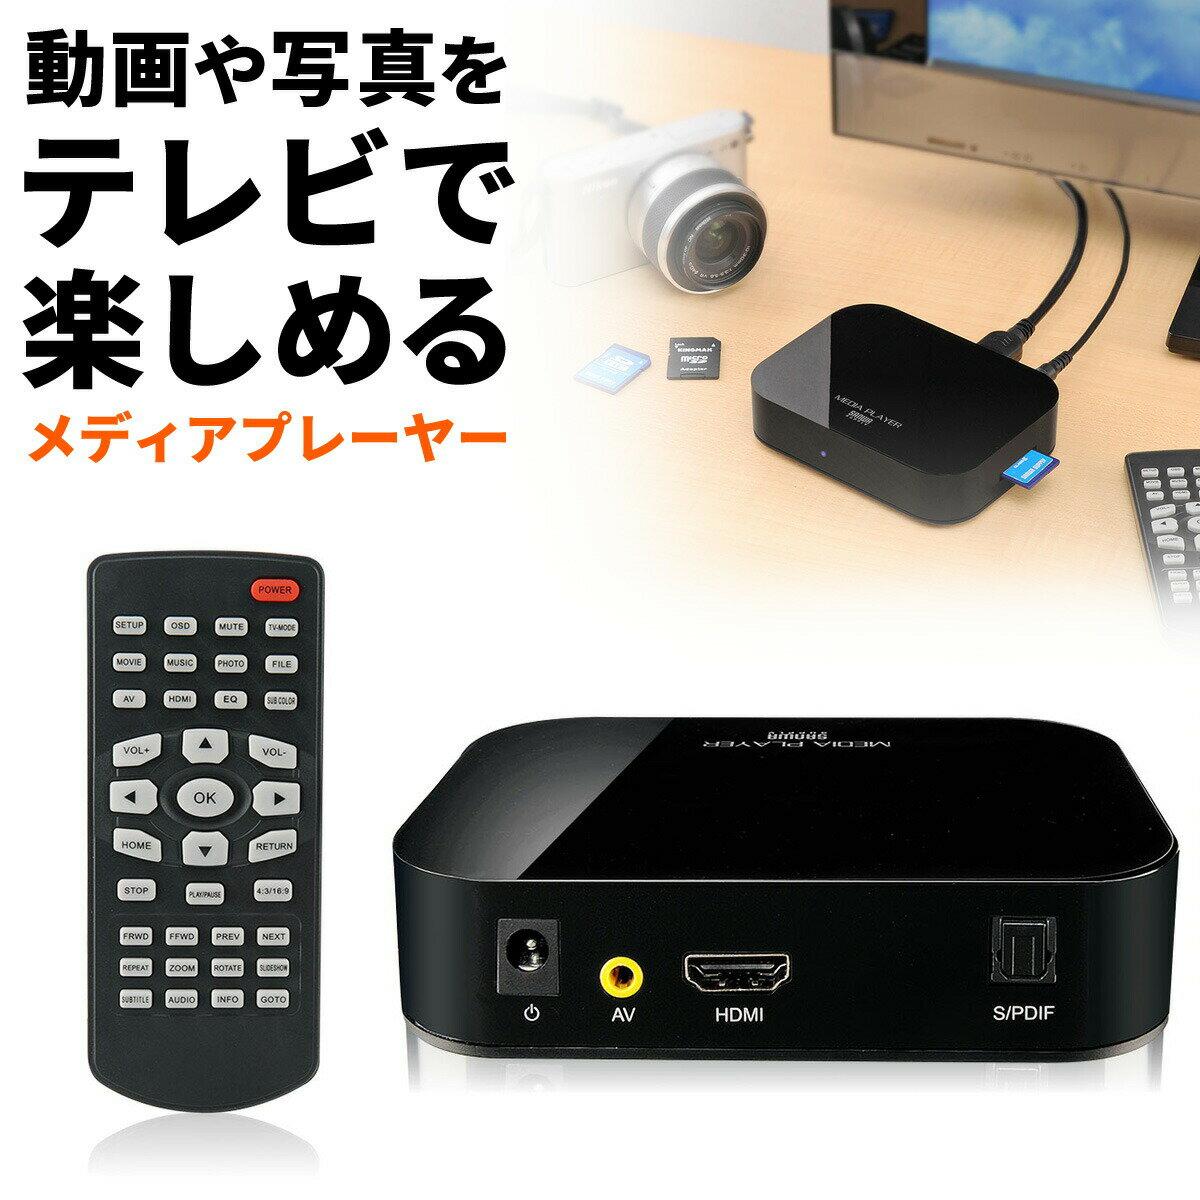 メディアプレーヤー HDMI SDカード・USBメモリ対応 写真 動画 テレビ コンパクト 小型 [400-MEDI001]【サンワダイレクト限定品】【送料無料】